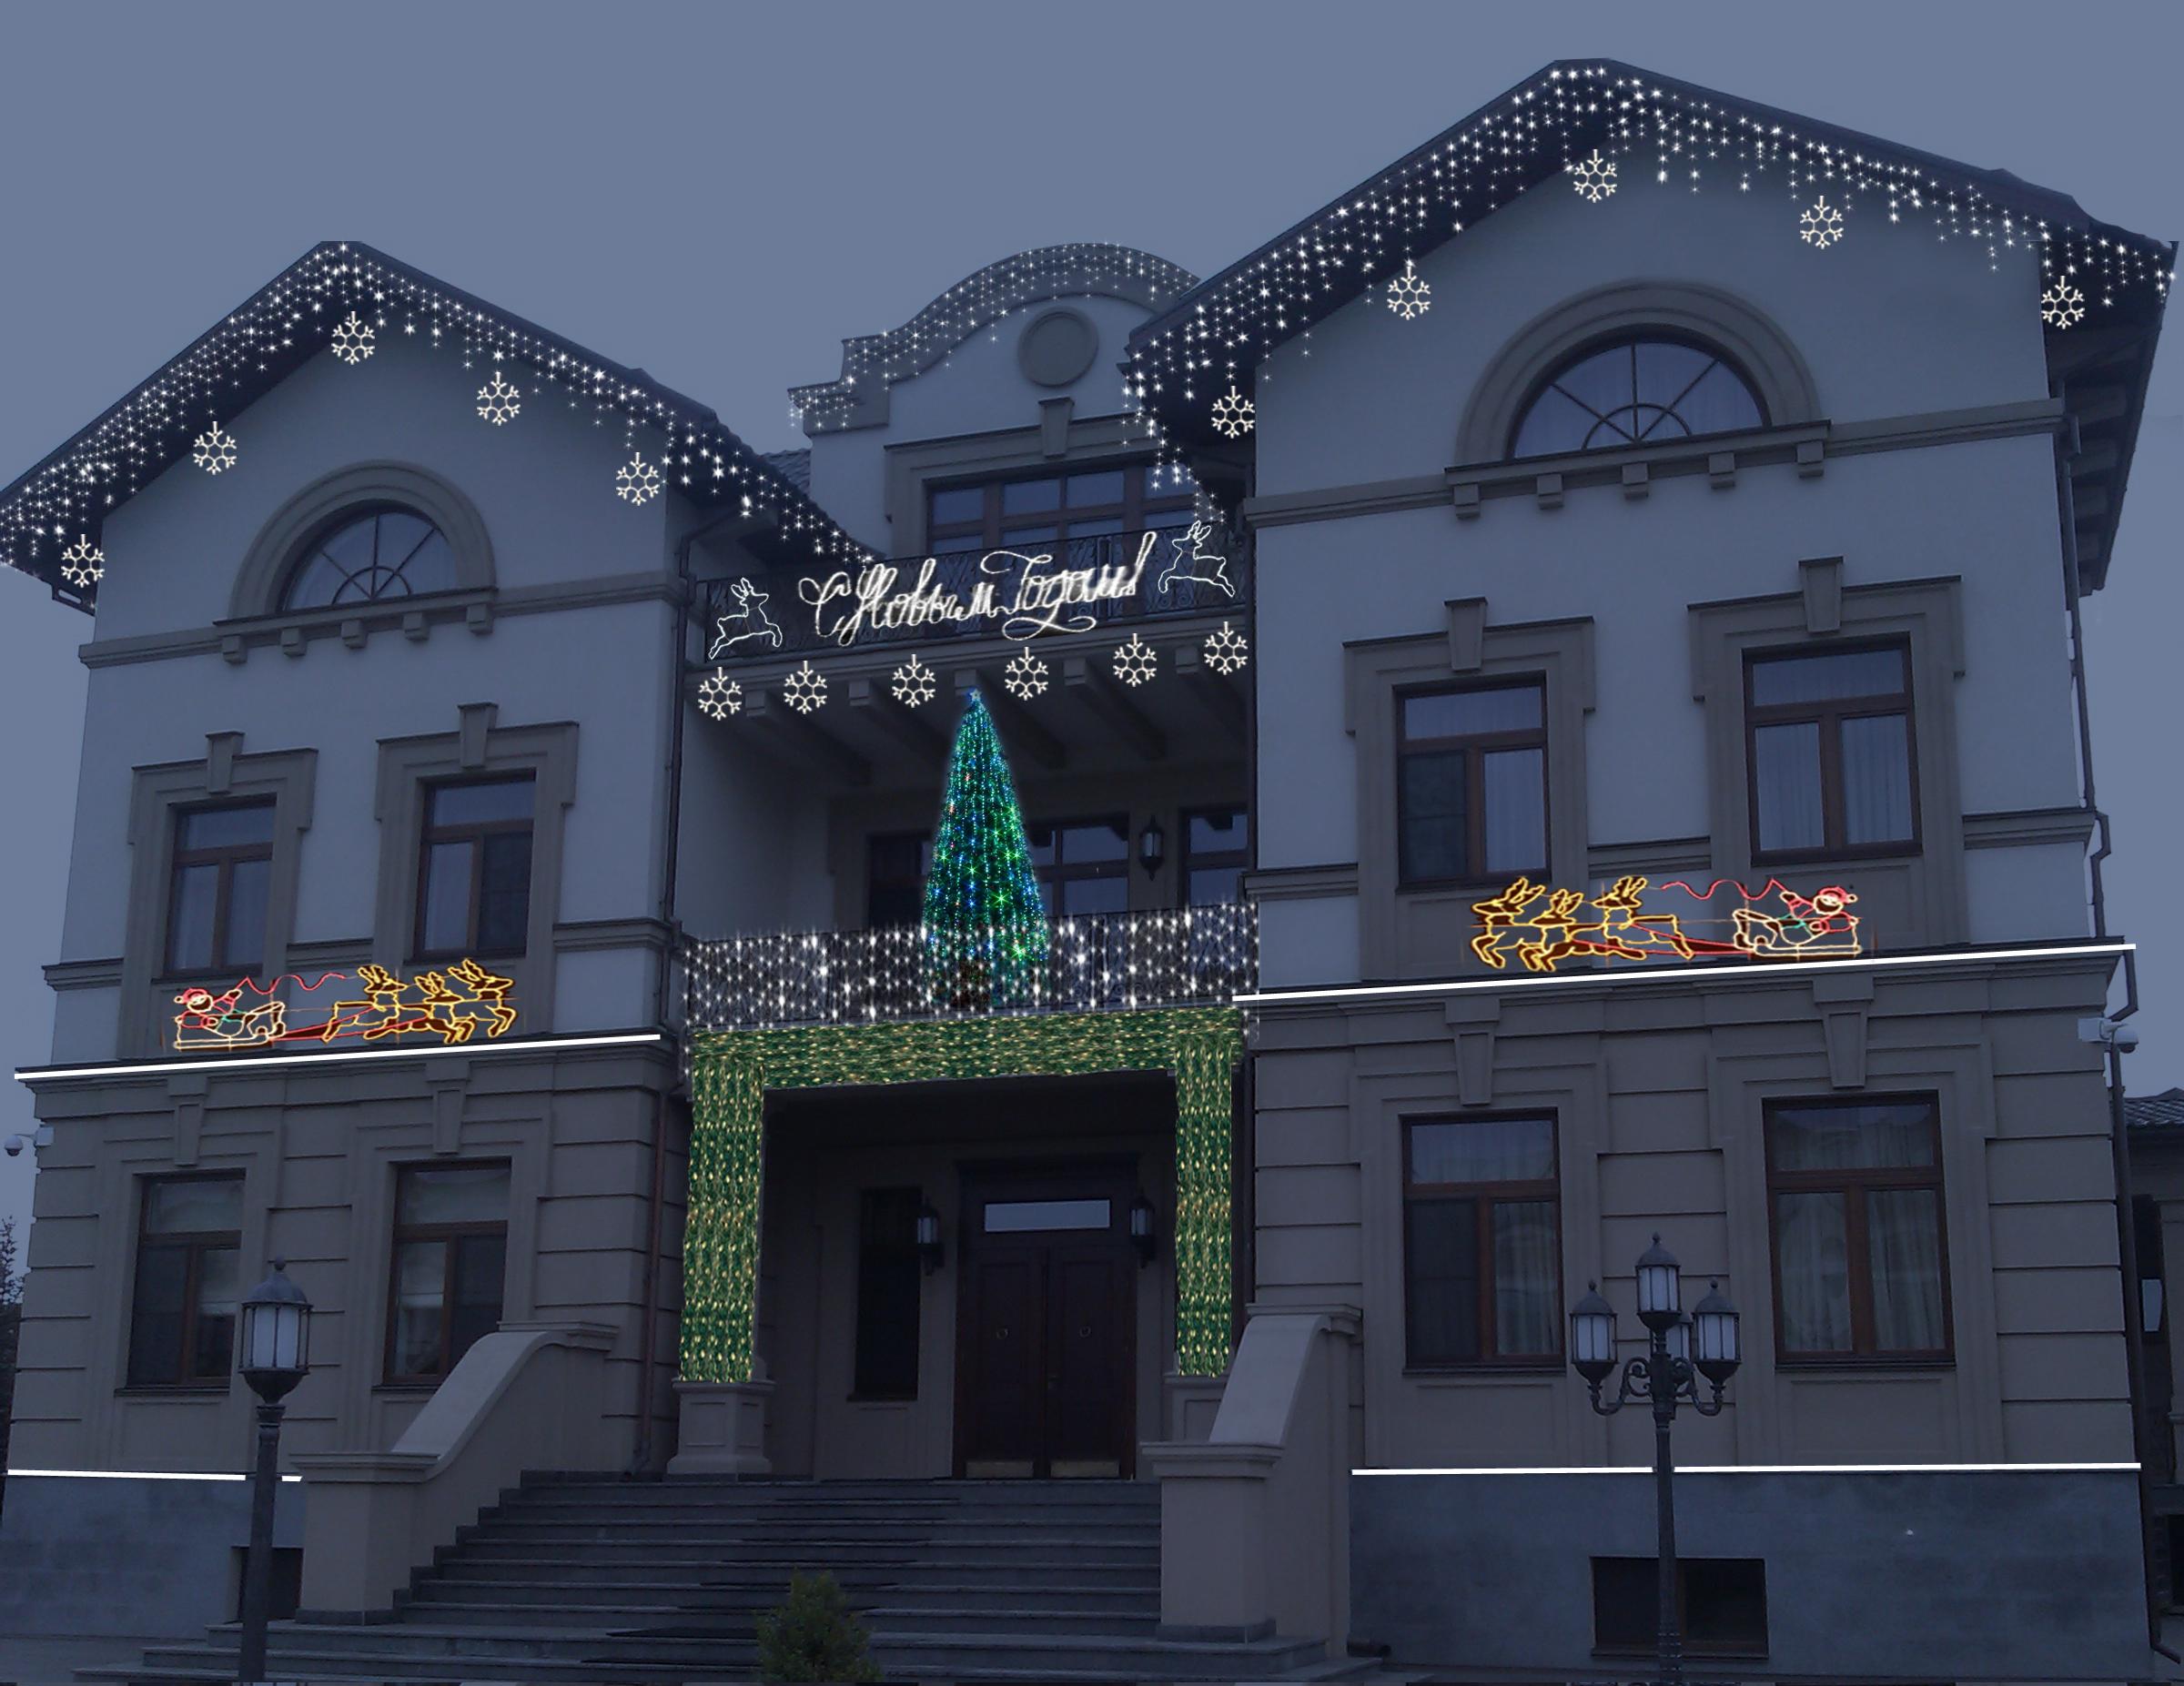 Архитектурное освещение (световая иллюминация) фасадов зданий